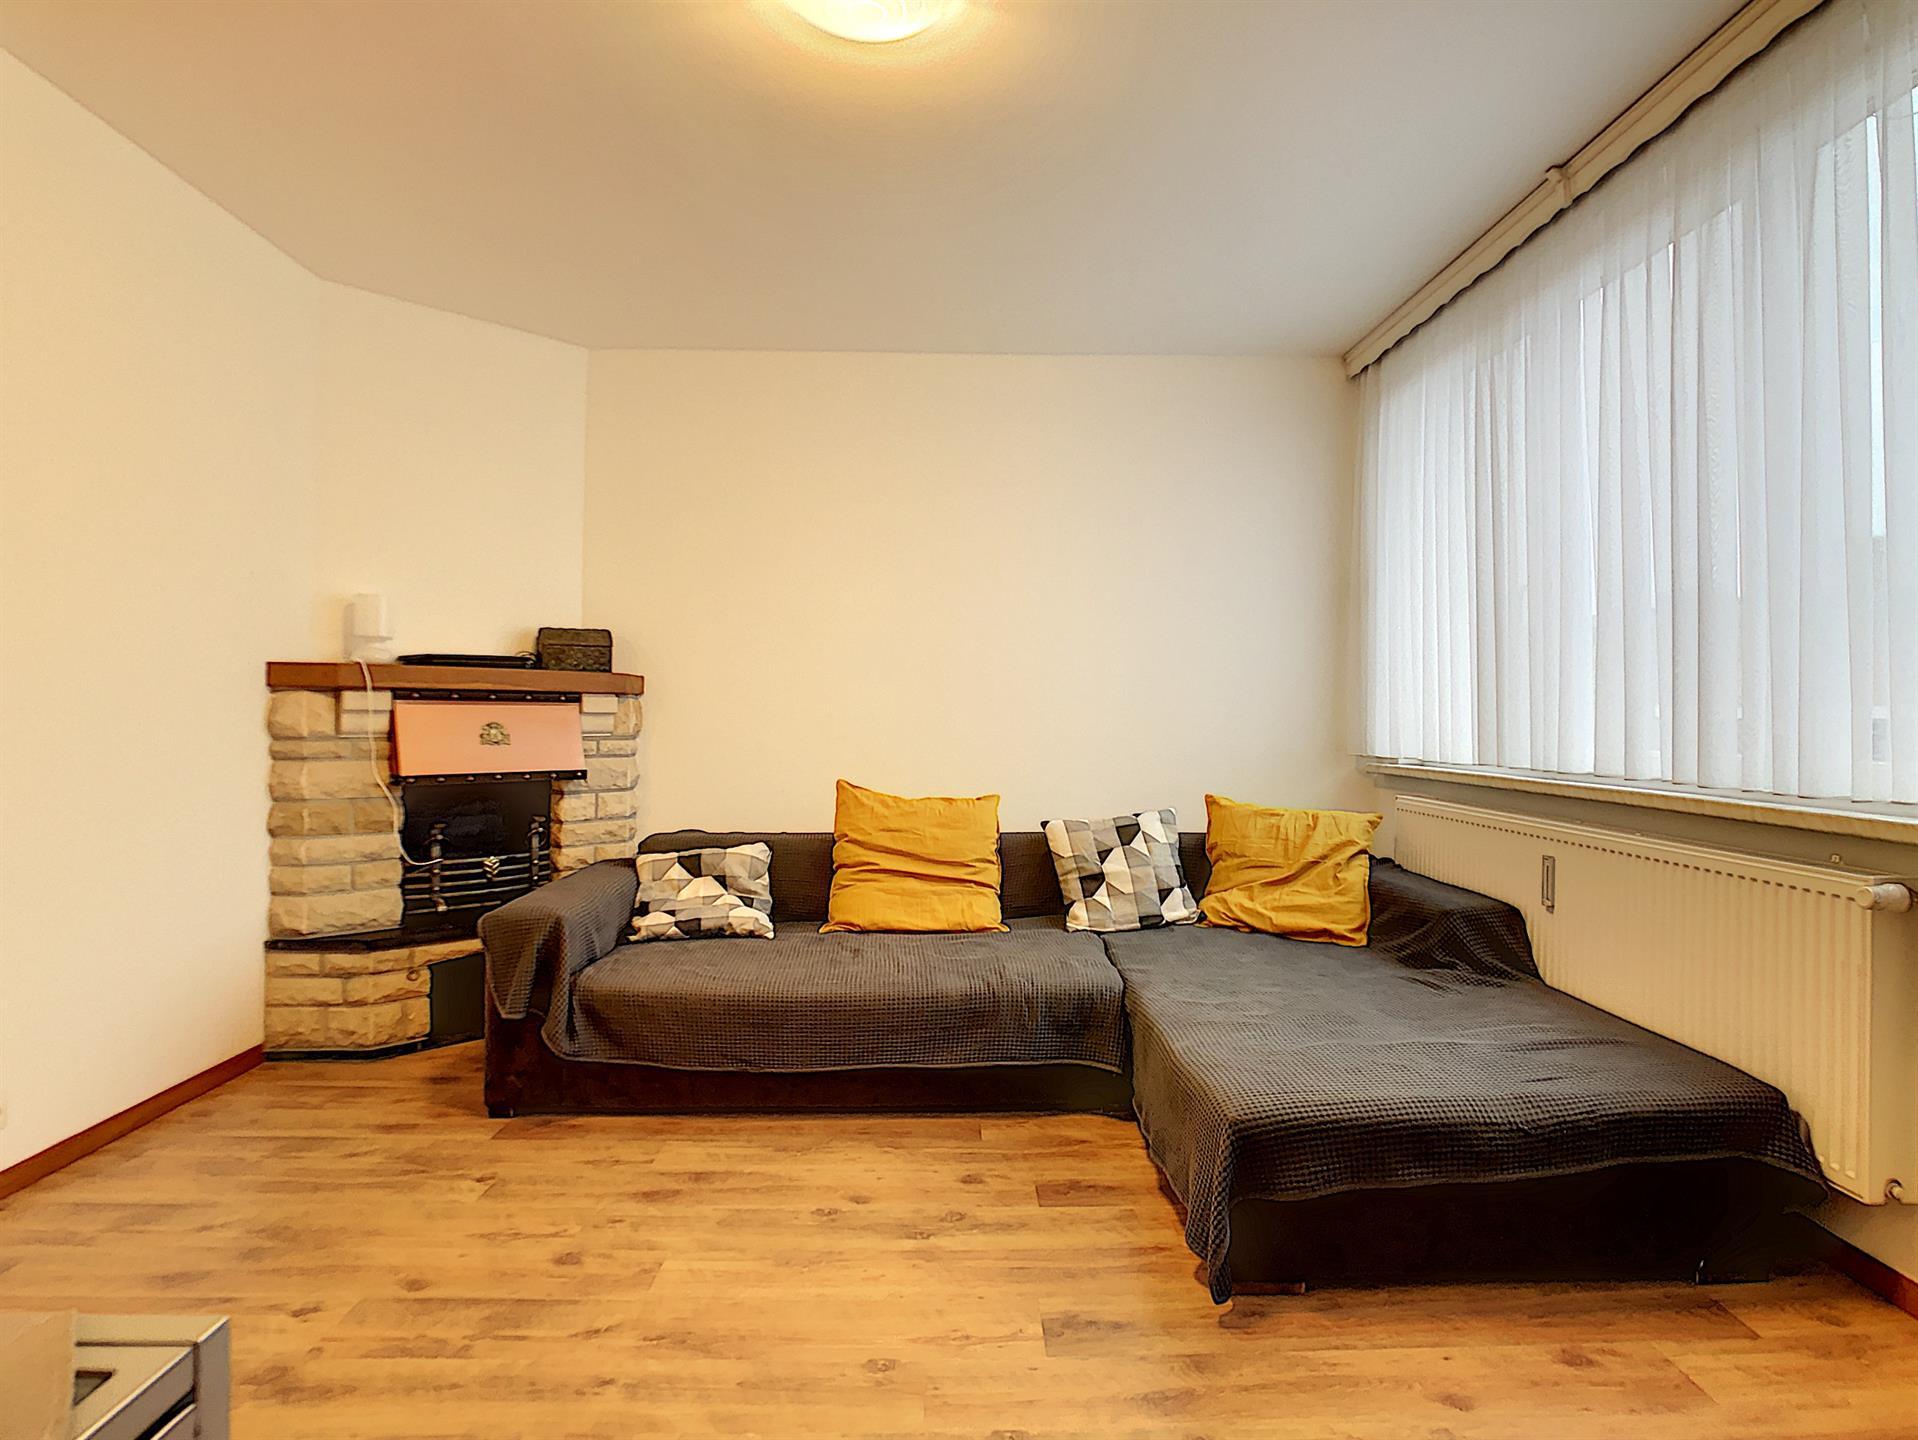 Appartement - Berchem-Sainte-Agathe - #4195538-1